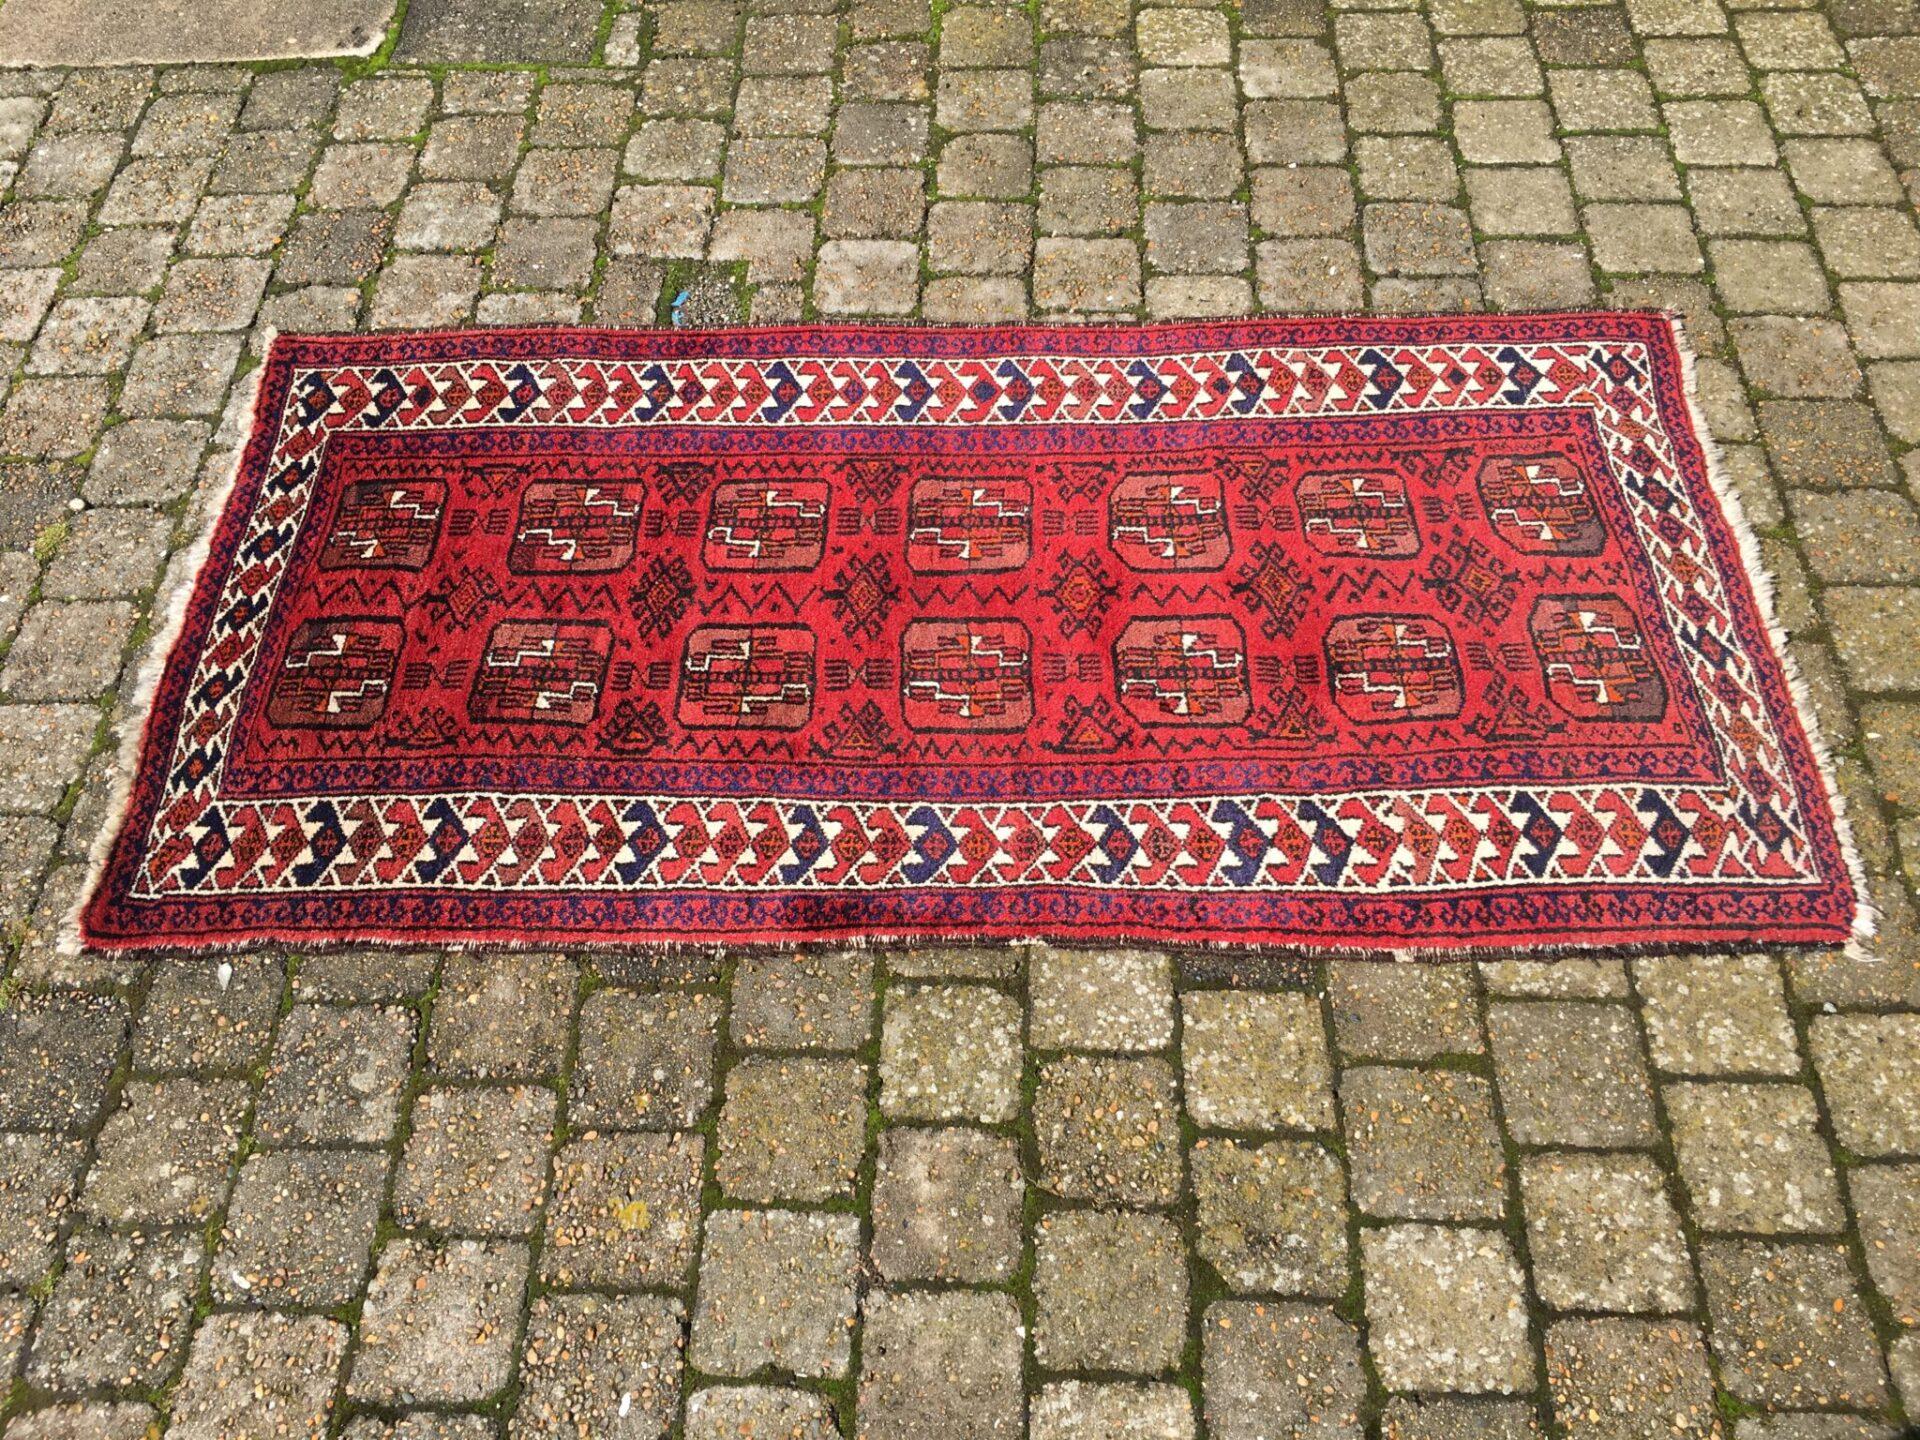 lille løber, Ægte tæppe, 170x80 cm, pris 250 kr